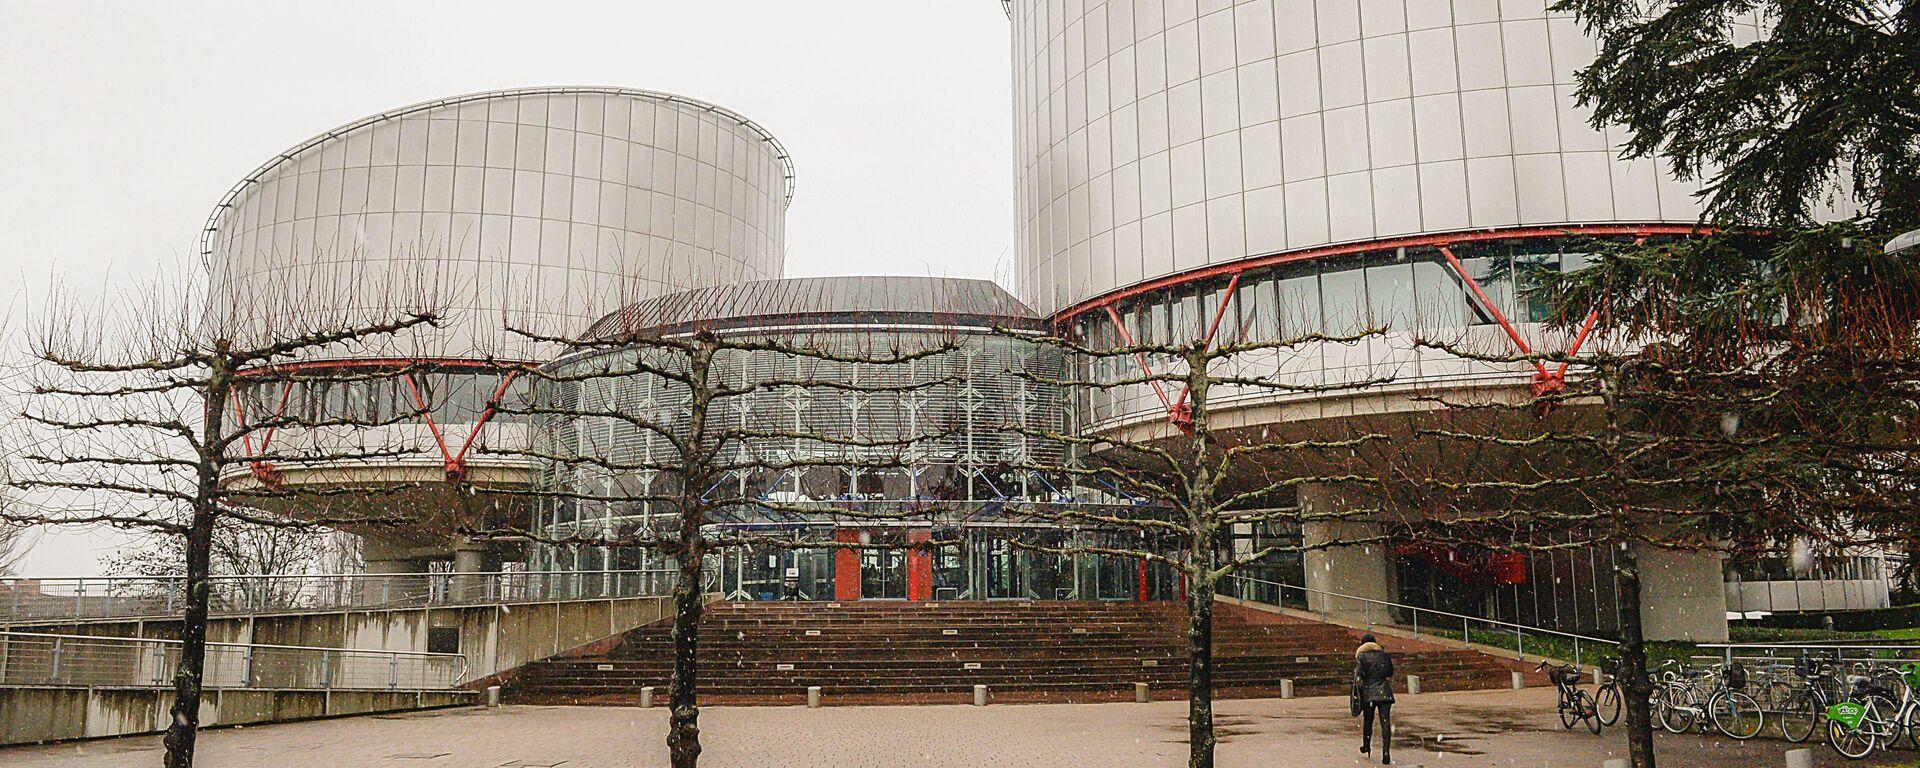 Здание Европейского суда по правам человека, архивное фото - Sputnik Латвия, 1920, 08.04.2021